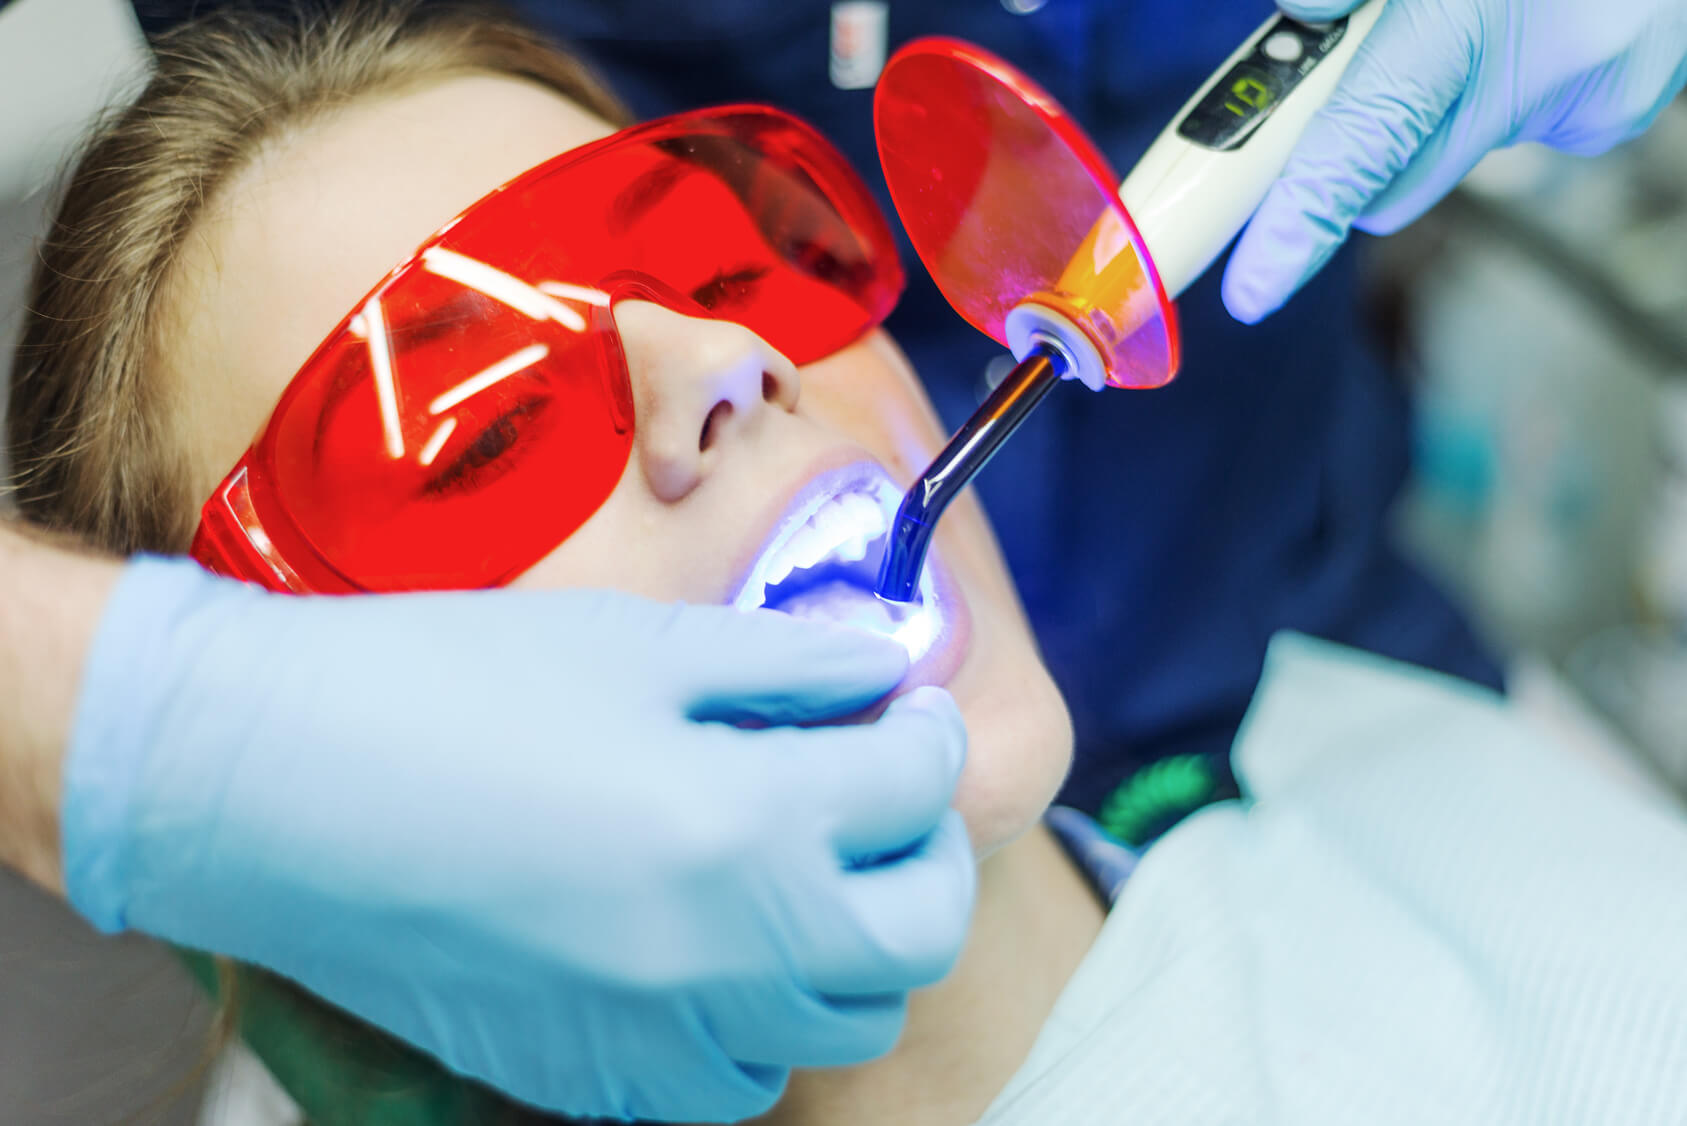 Frau liegt auf Zahnarztstuhl, hat eine rote Brille an und die Hände des Zahnarztes führen einen Dental-Laser in den Mund